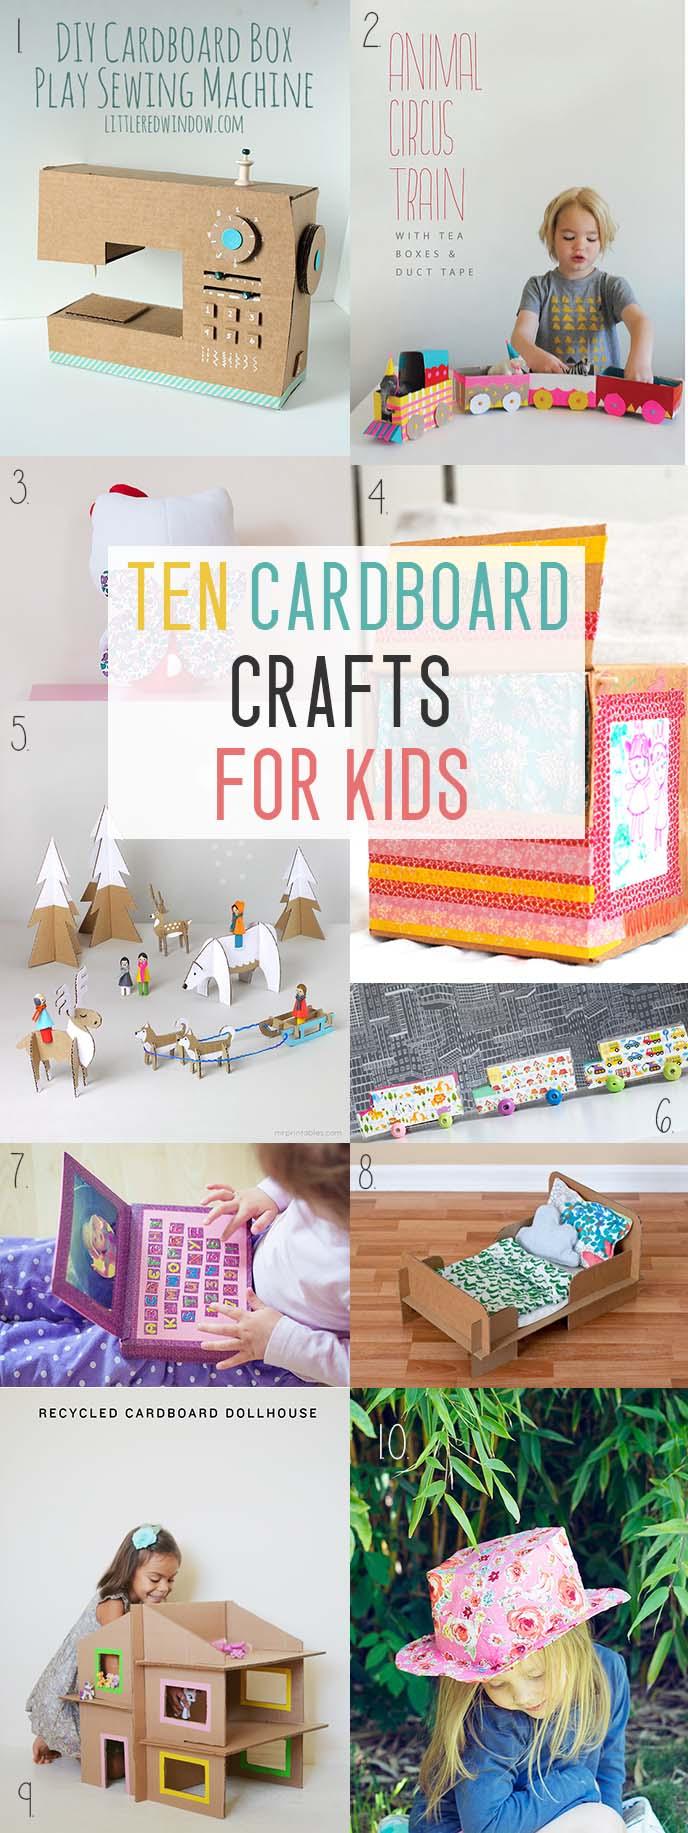 10 cardboard crafts for kids